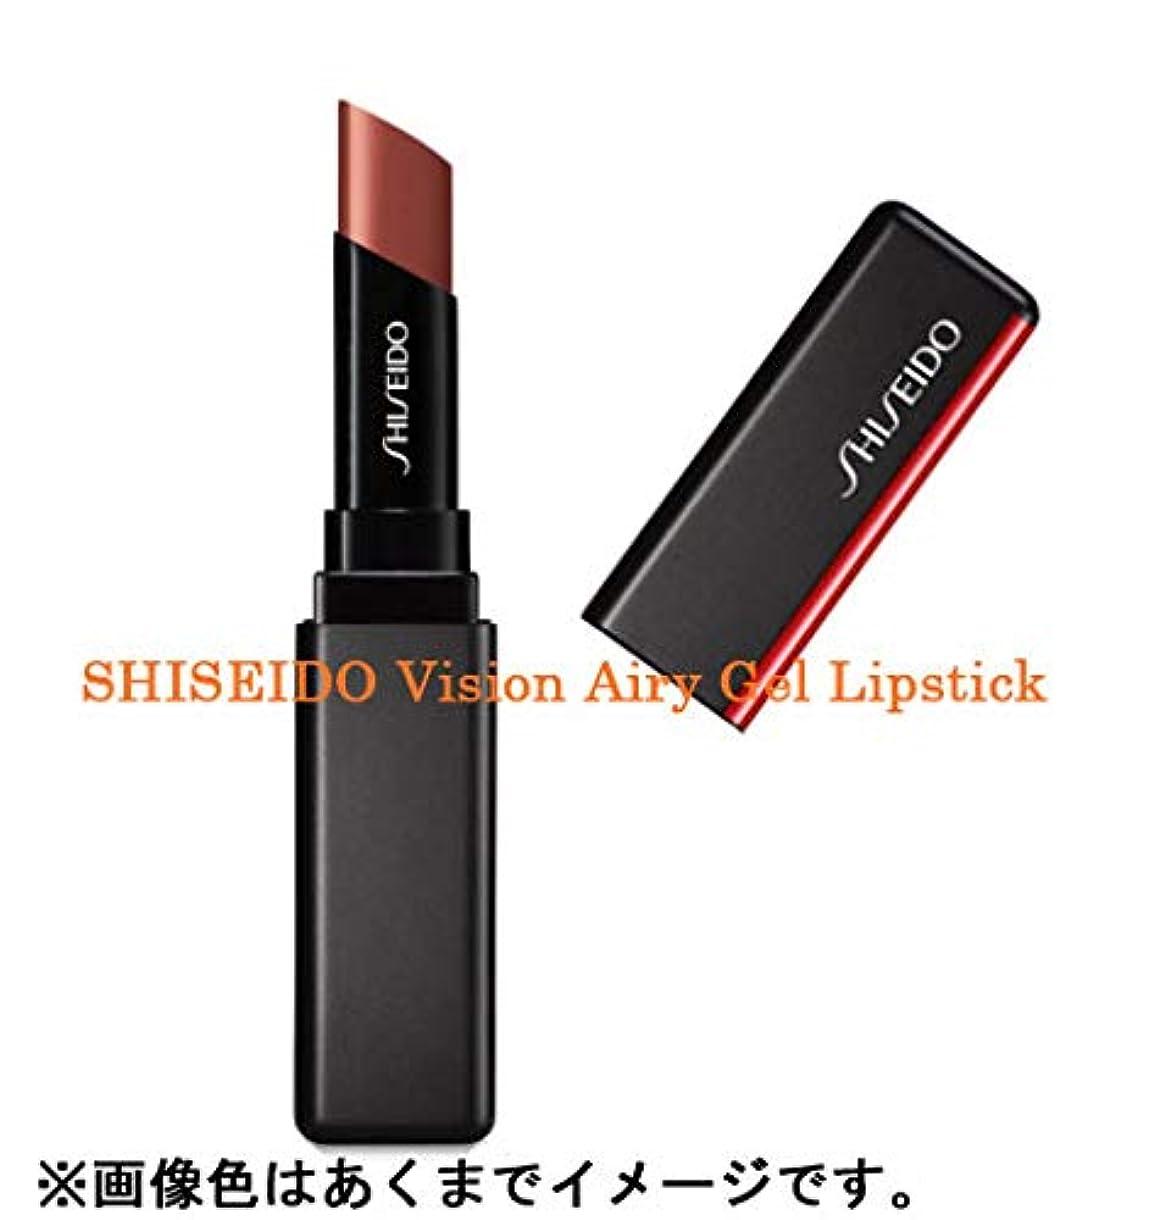 落ち込んでいるルーチン十億SHISEIDO Makeup(資生堂 メーキャップ) SHISEIDO(資生堂) SHISEIDO ヴィジョナリー ジェルリップスティック 1.6g (222)